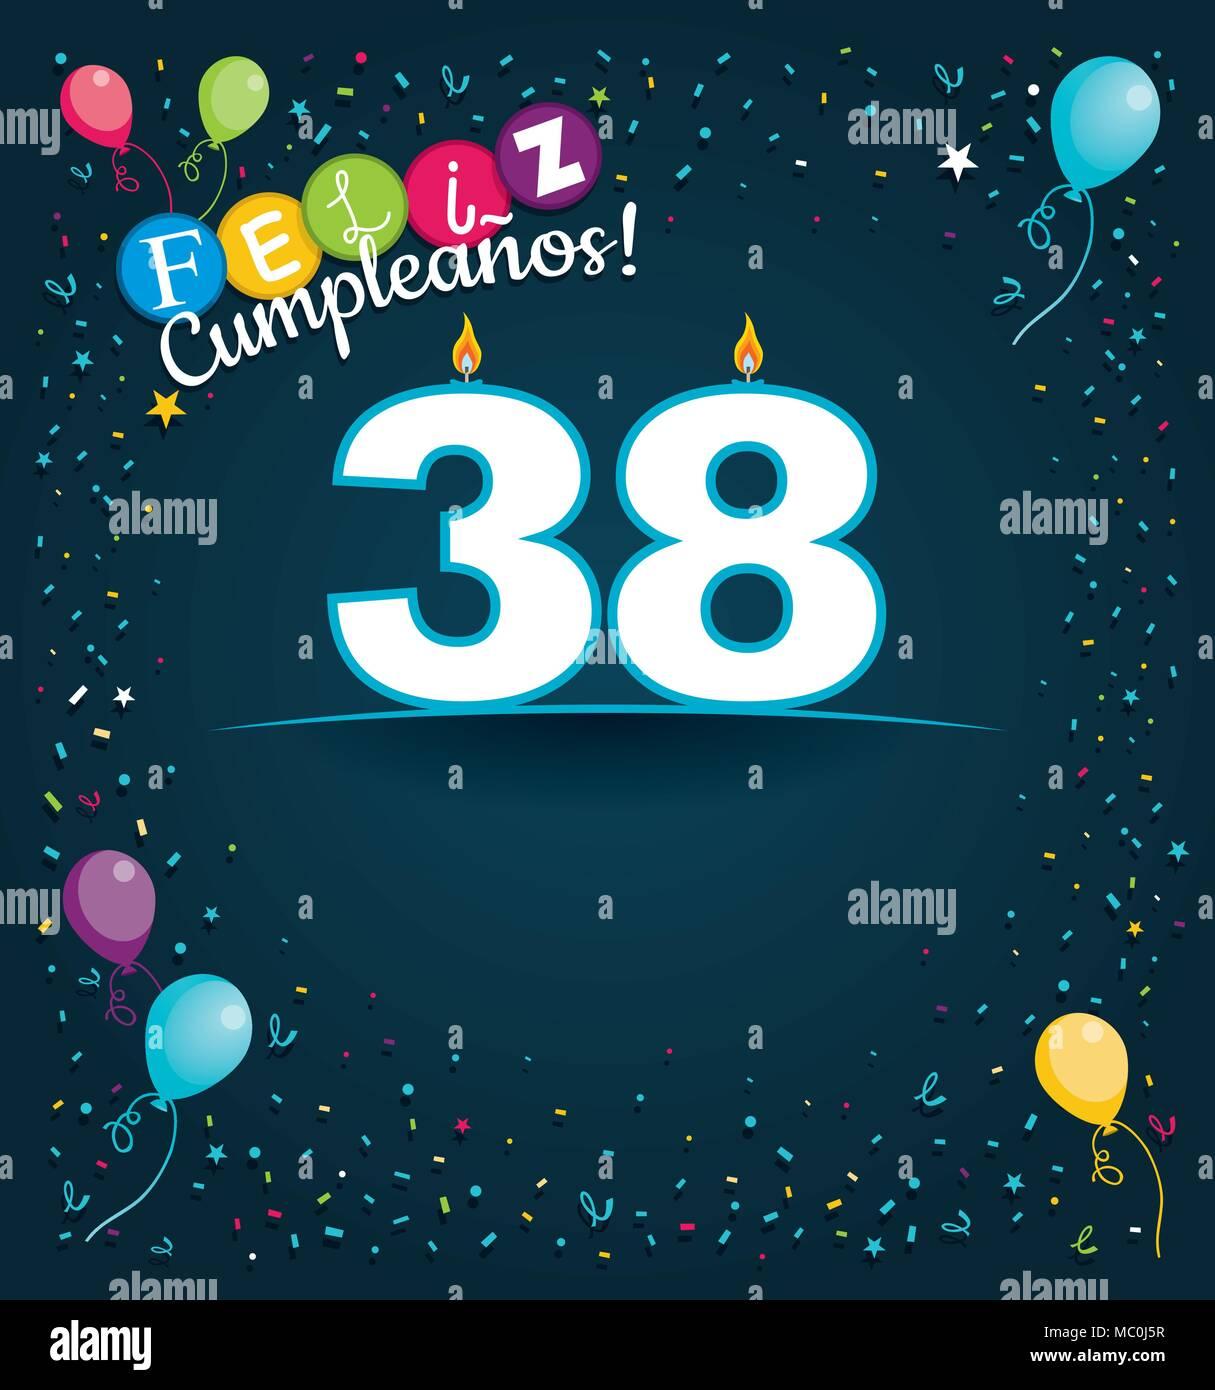 Joyeux Anniversaire 38 Dans La Langue Espagnole Carte De Souhaits